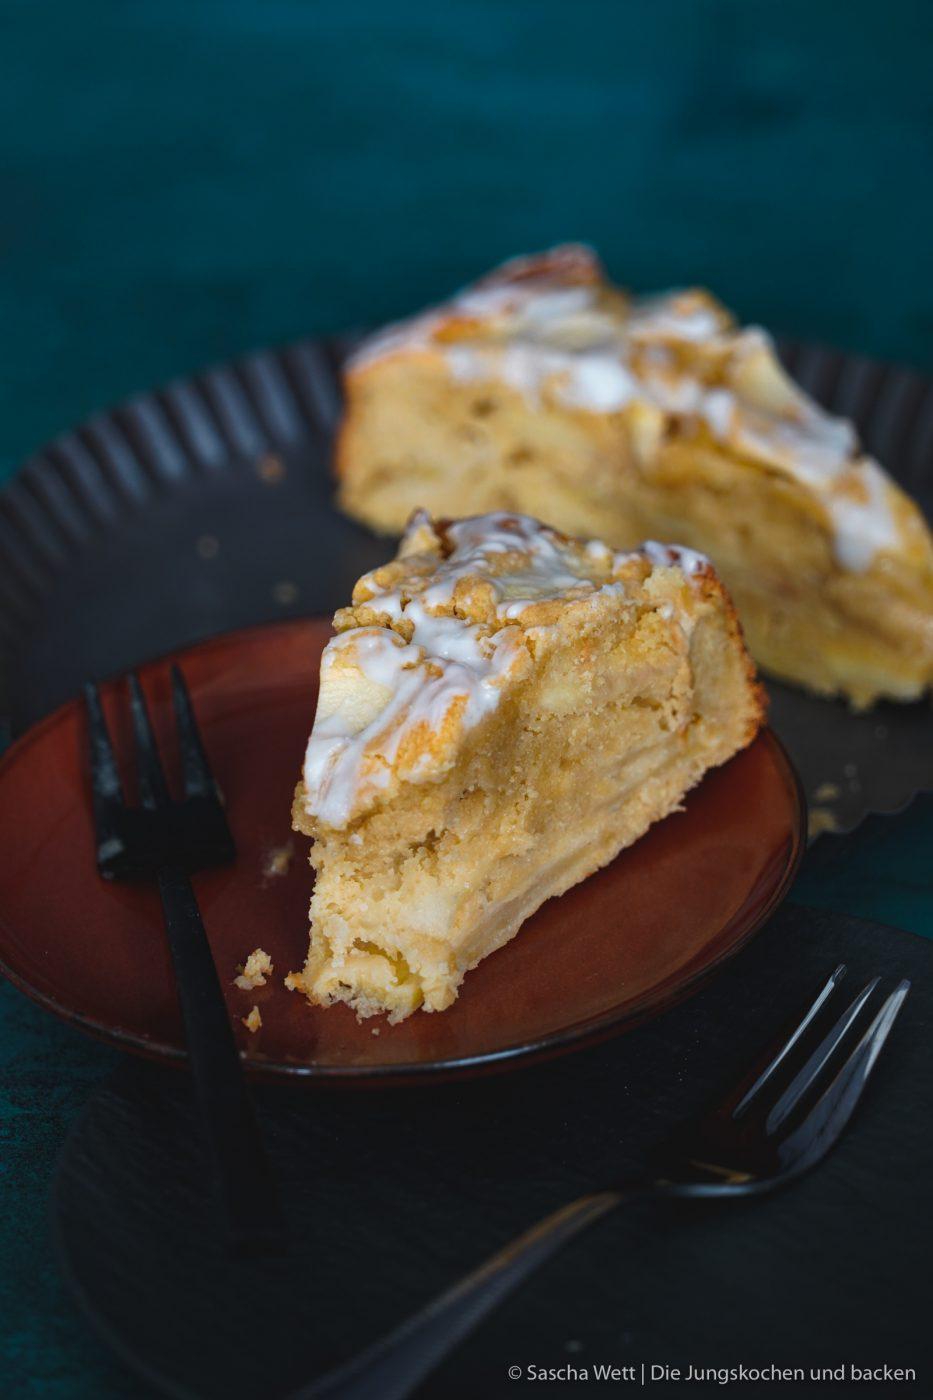 Calvados Apfelkuchen 6 | Wir haben uns gedacht, dass wir euch heute einmal wieder einen neuen Kuchen zeigen müssen. Für dieses Prachtstück haben wir sogar eine kleine Odyssee hinter uns, Aber jetzt kennen wir auch die kleinen versteckten Ecken Frankreichs. Für einen leckeren Apfelkuchen mit Calvados nimmt man sowas aber doch gerne auf sich. Oder was meint ihr?